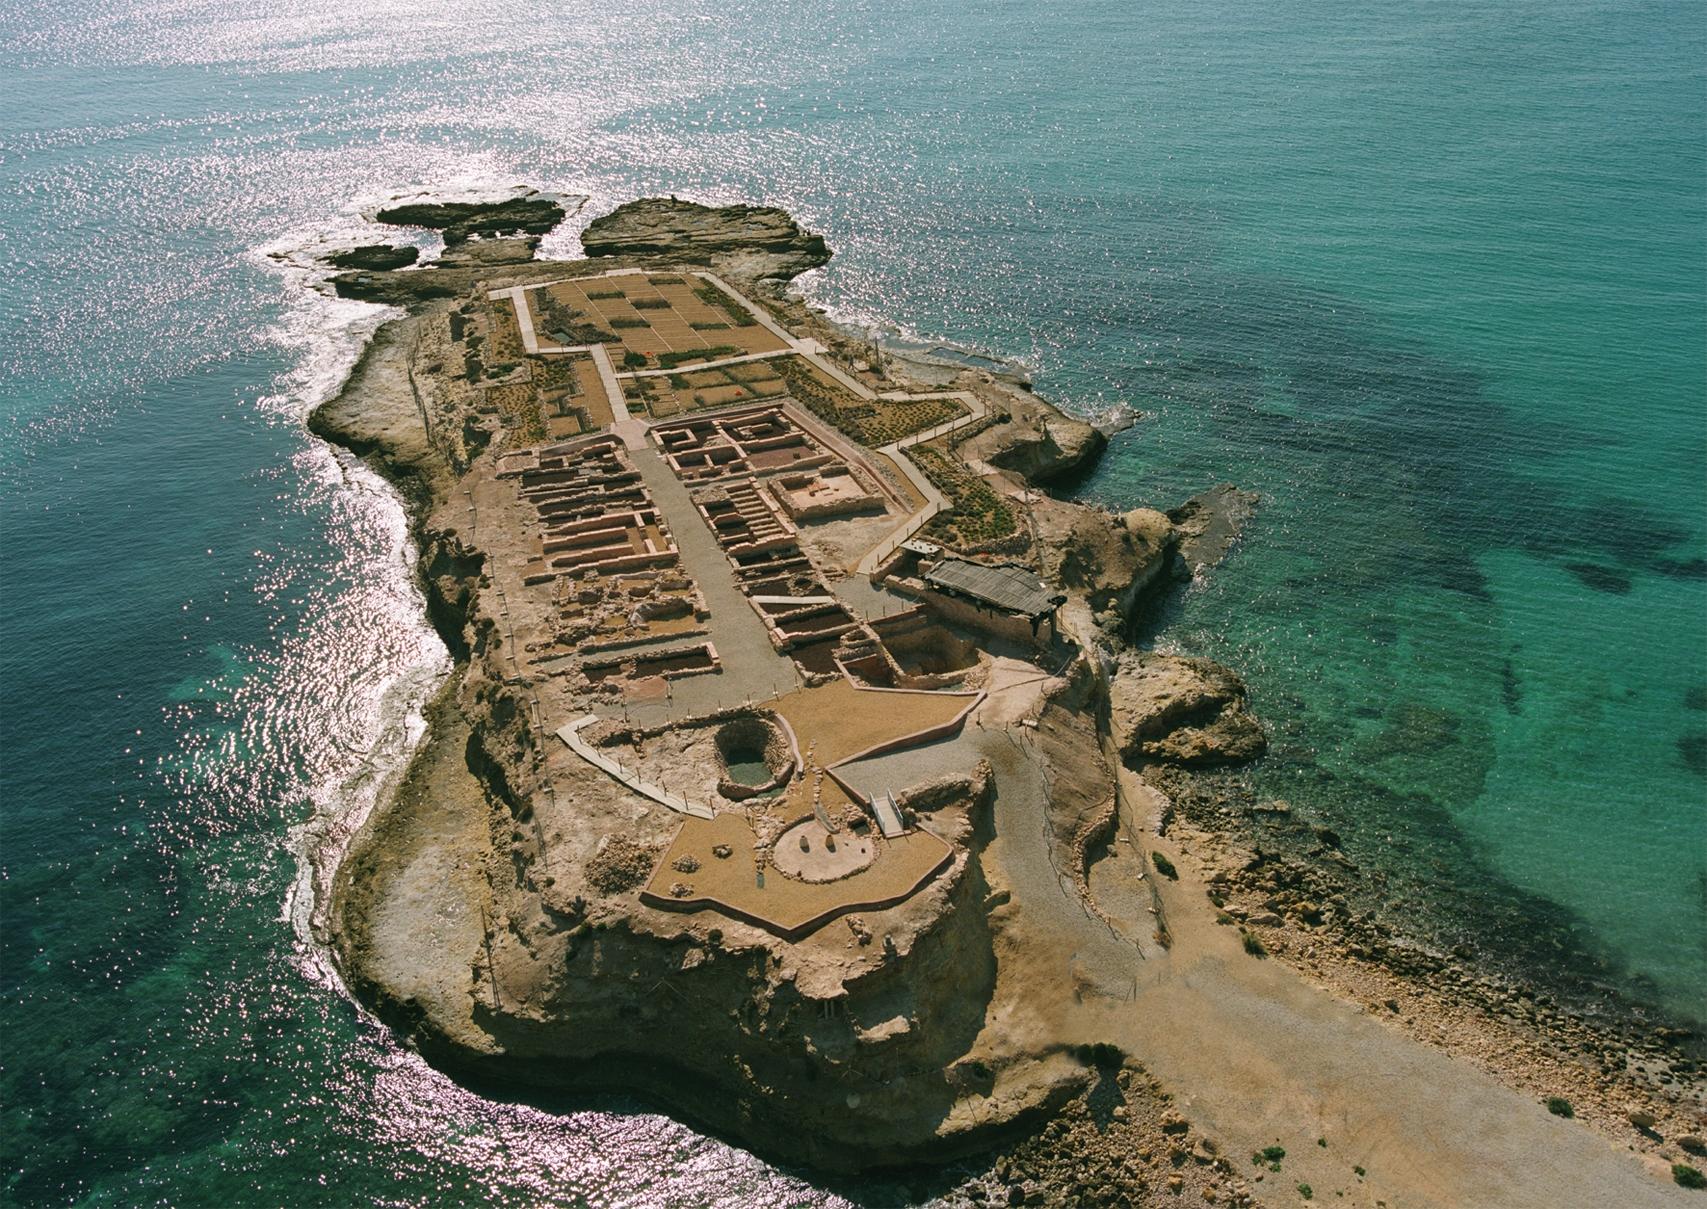 Yacimiento Arqueológico de la Illeta dels Banyets